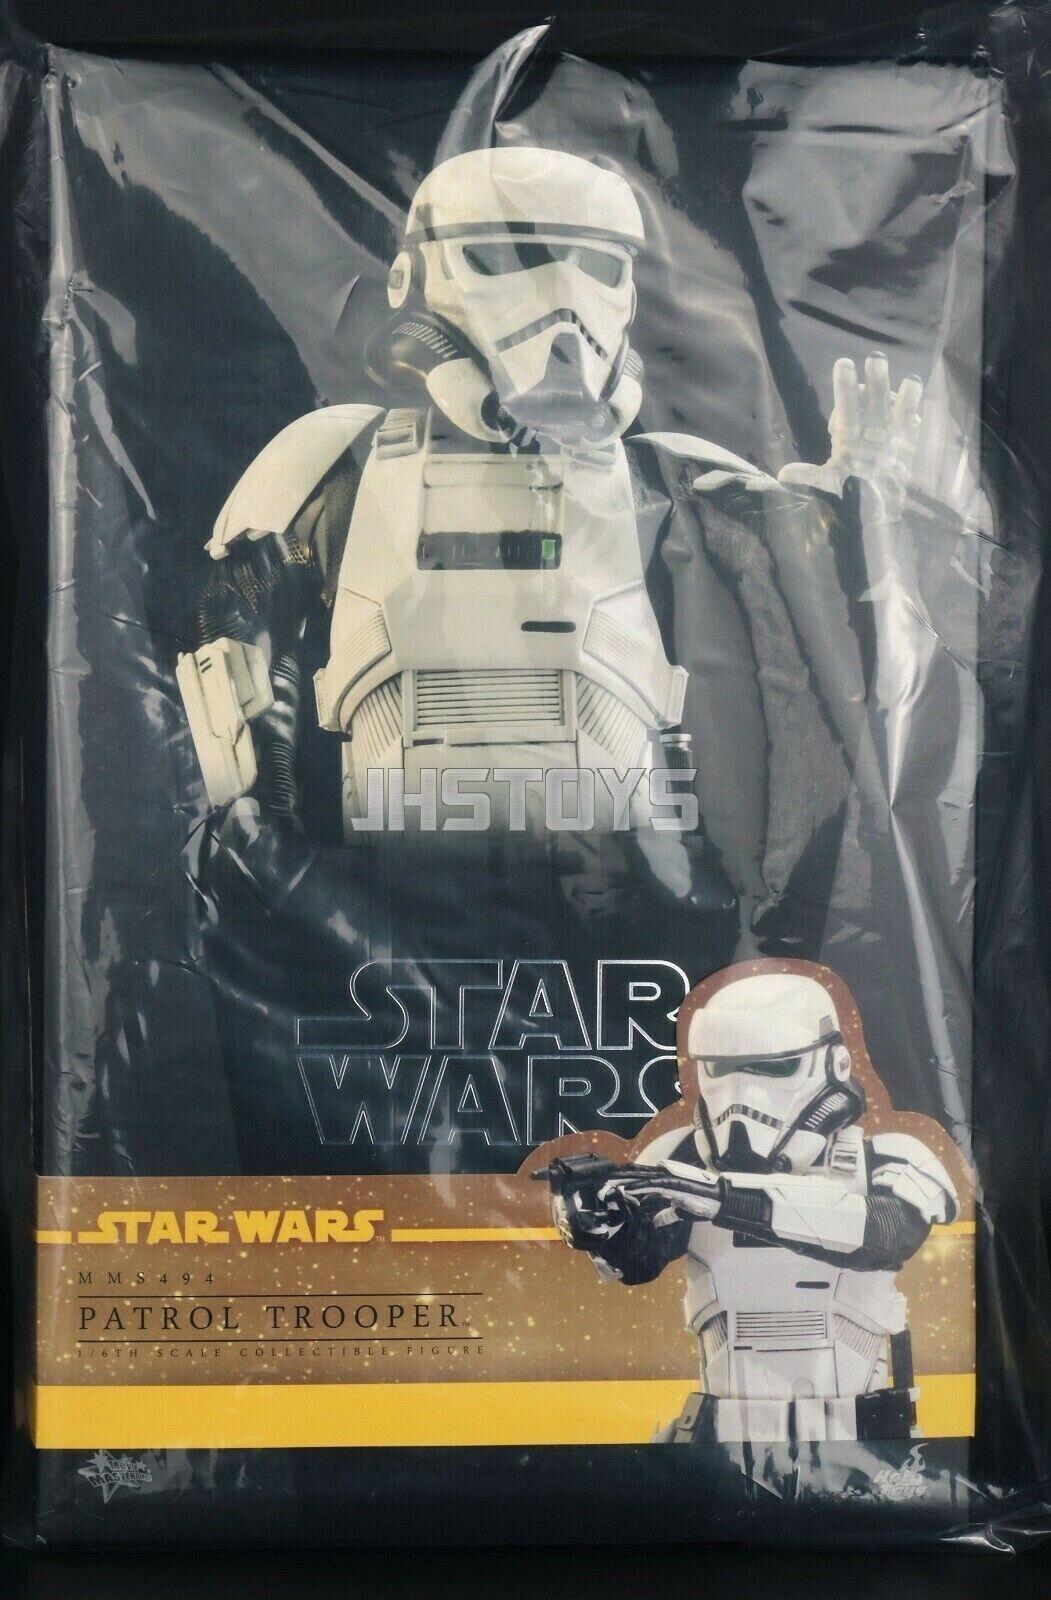 Caliente giocattoli 1 6 estrella  guerras Solo A estrella guerras storia Patrol Trooper MMS494  fabbrica diretta